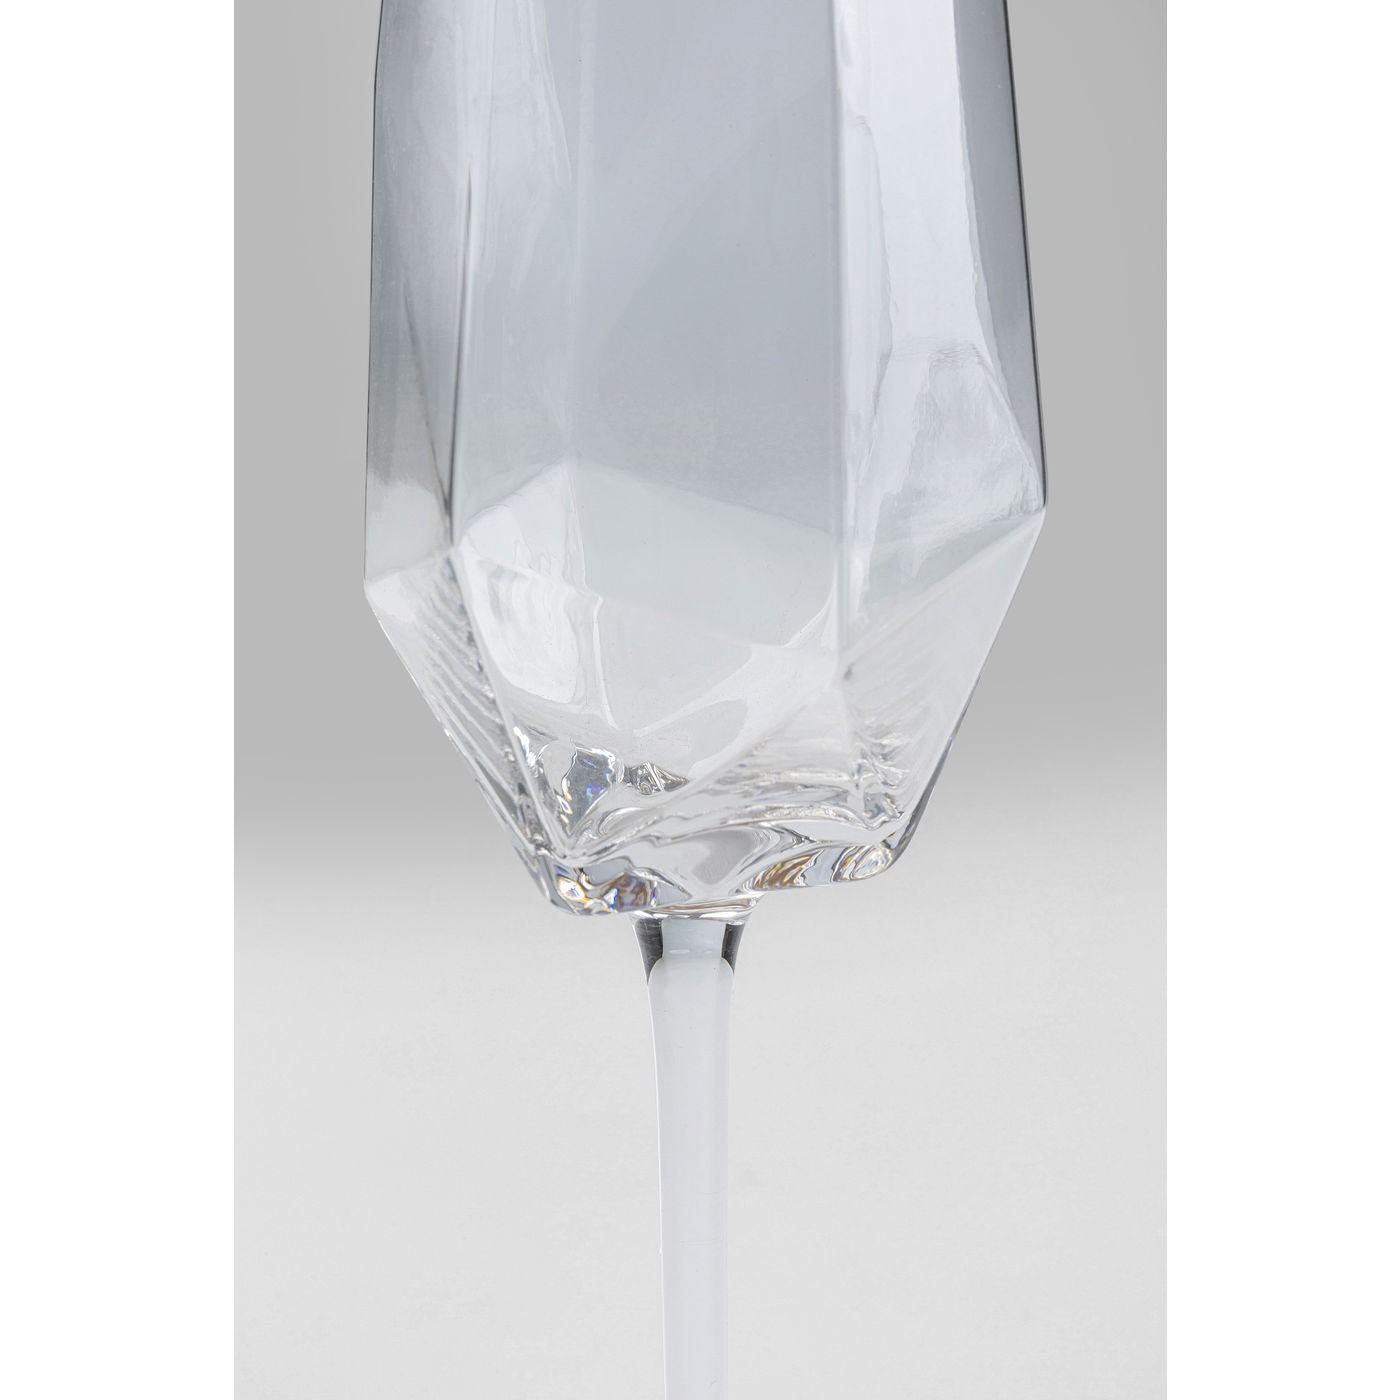 Flûtes à champagne Diamond doré set de 4 Kare Design